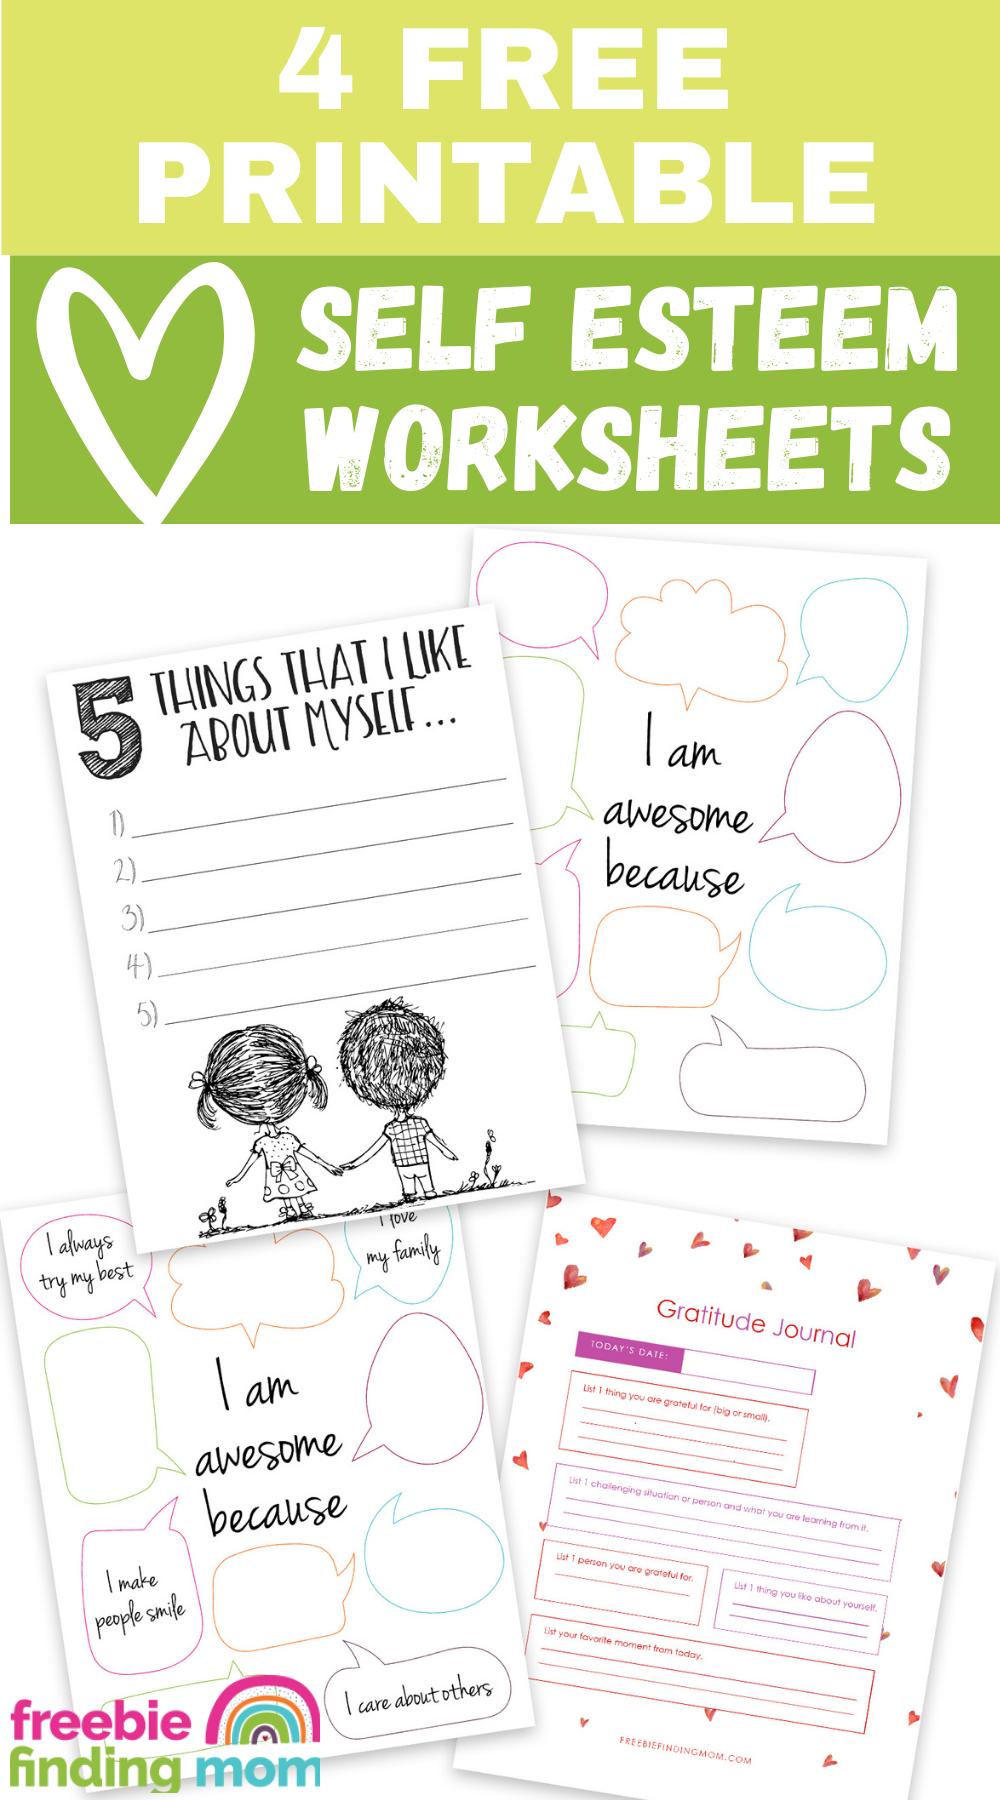 4 Free Printable Self Esteem Worksheets Freebie Finding Mom In 2021 Self Esteem Worksheets Self Esteem Activities Free Printables [ 1800 x 1000 Pixel ]